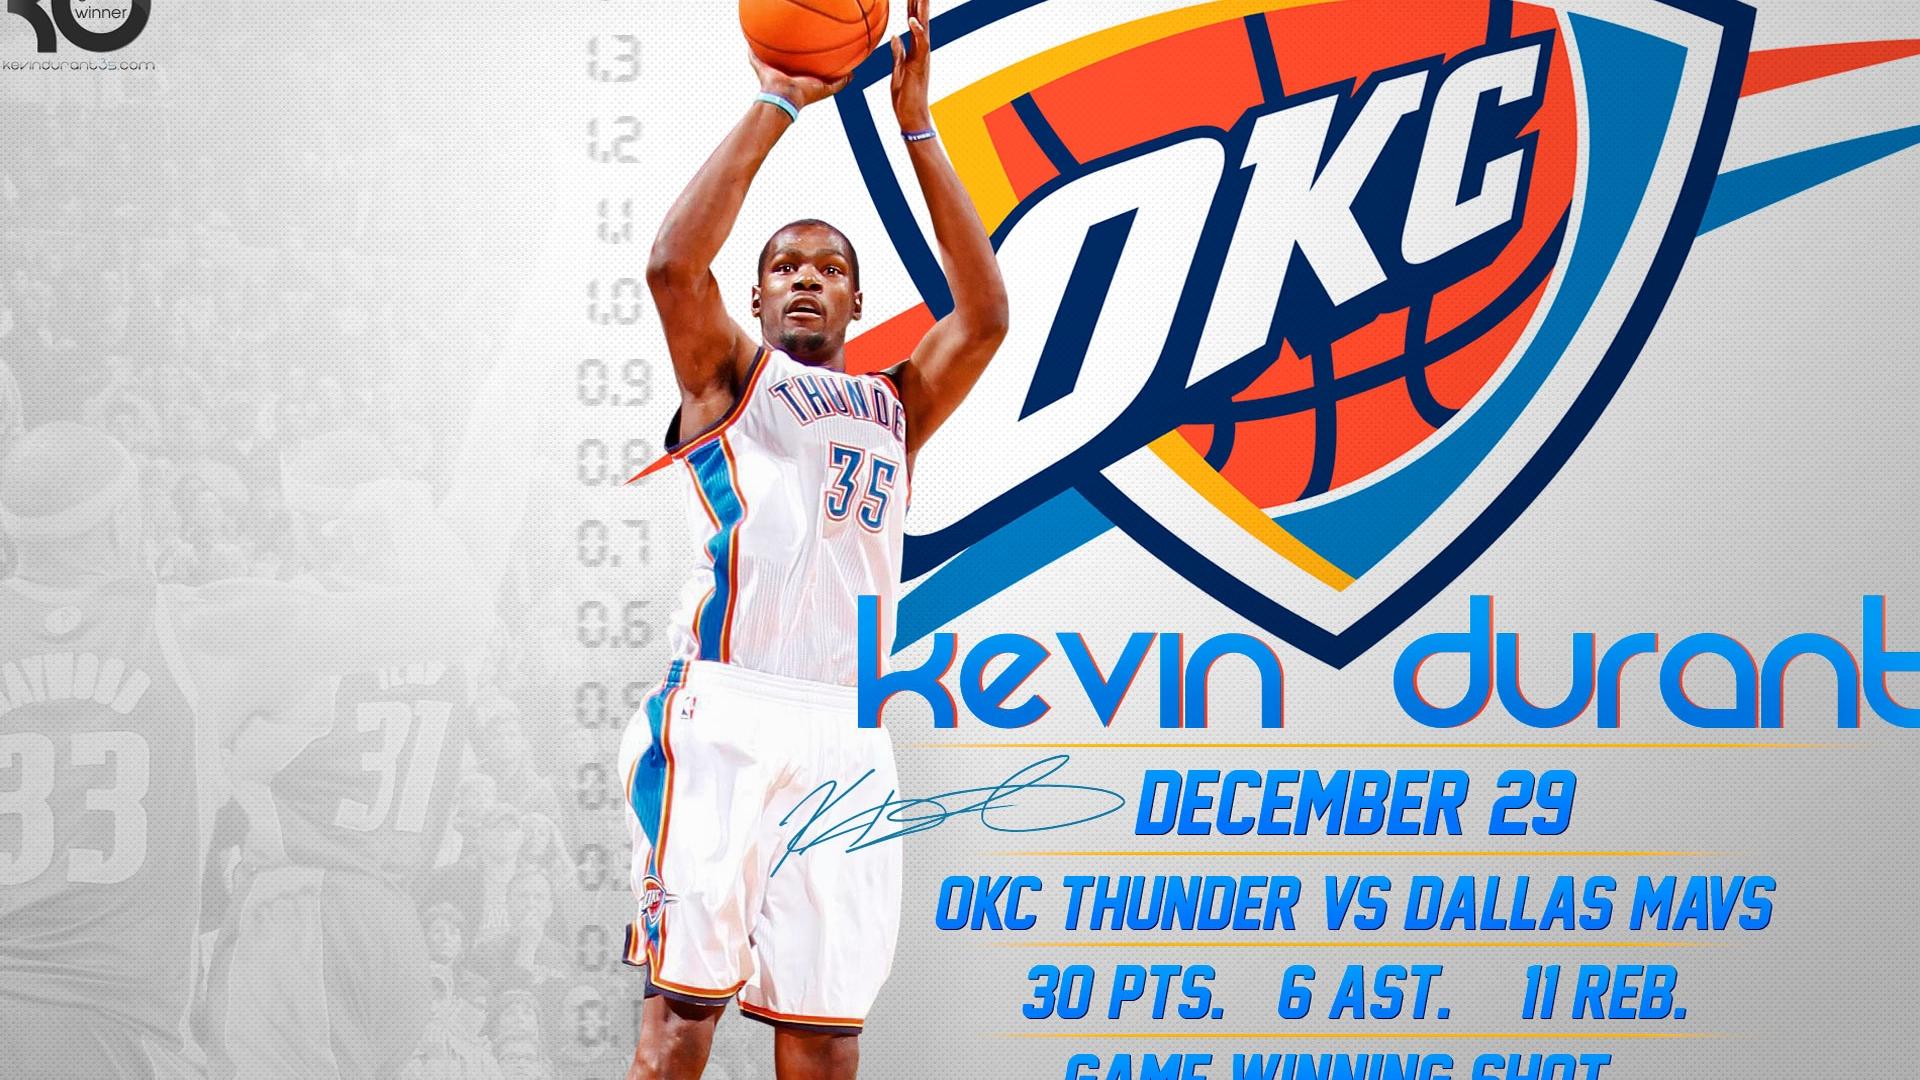 Kevin Durant NBA Wallpaper